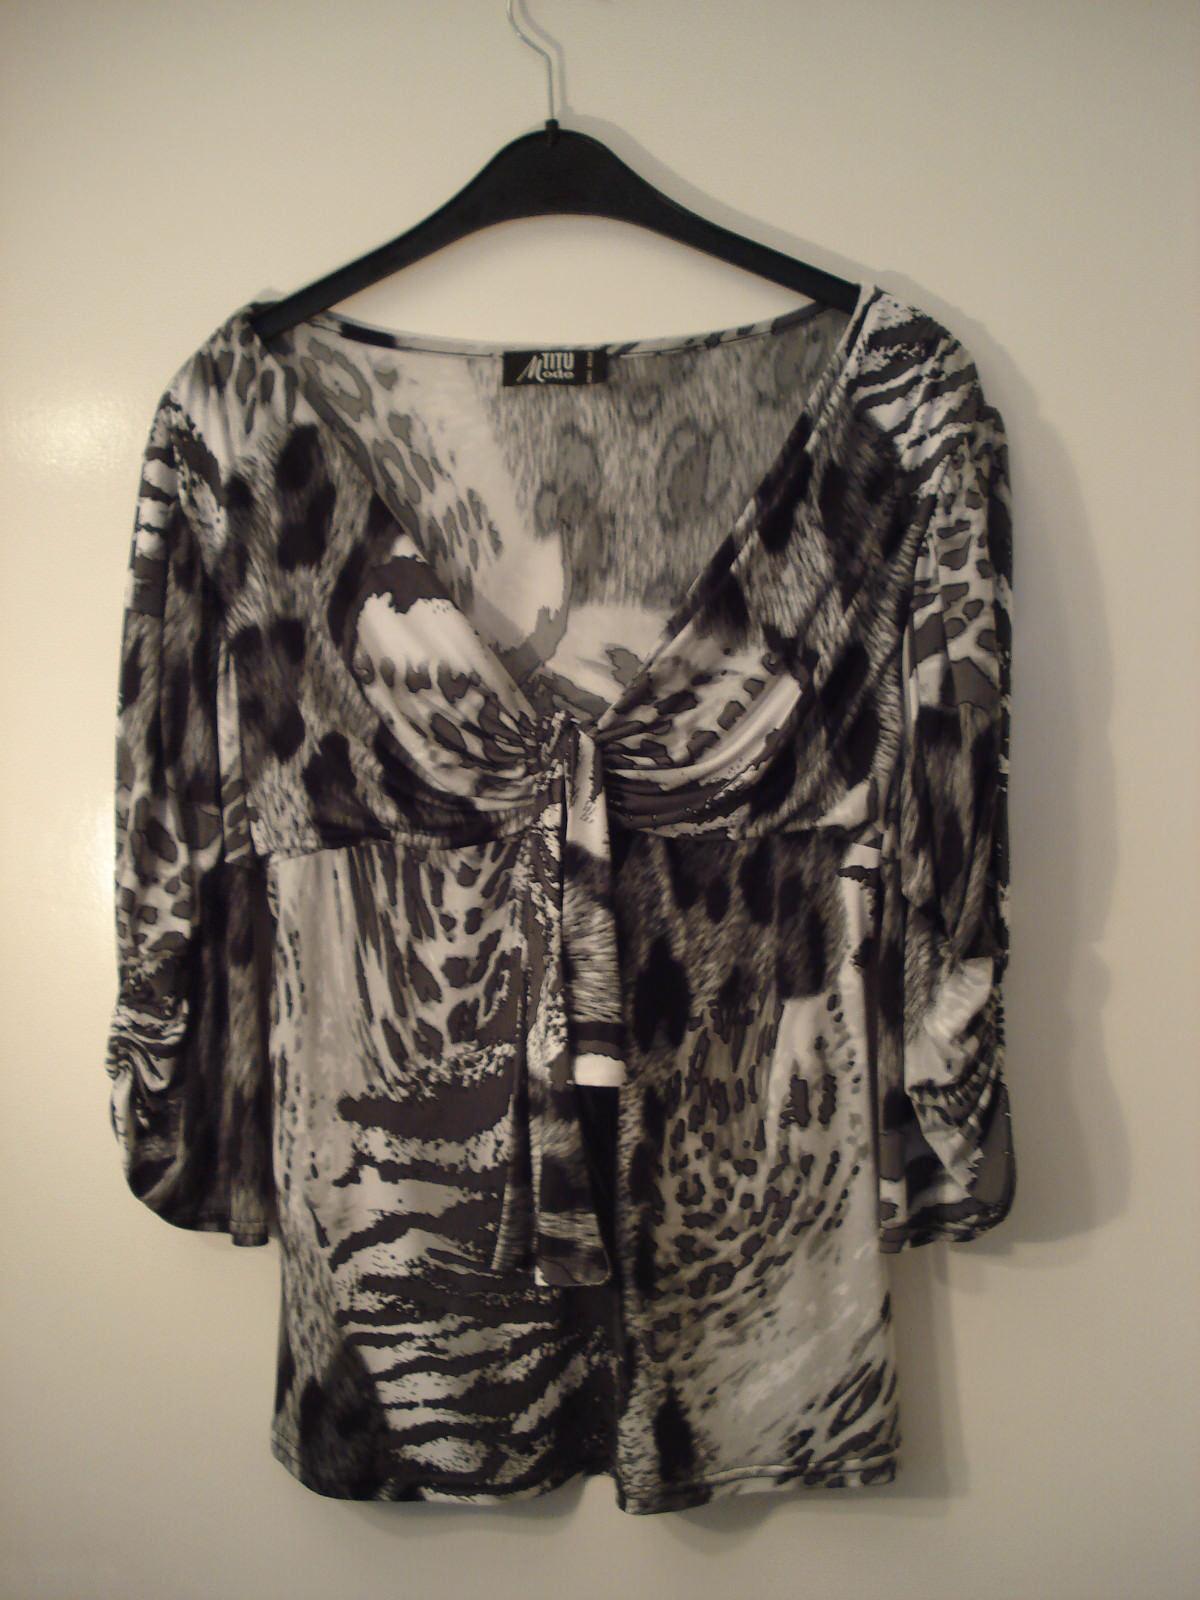 Schwarz-weisse Bluse/T-shirt mit Ring in der Mitte und Schleife, Gr. L